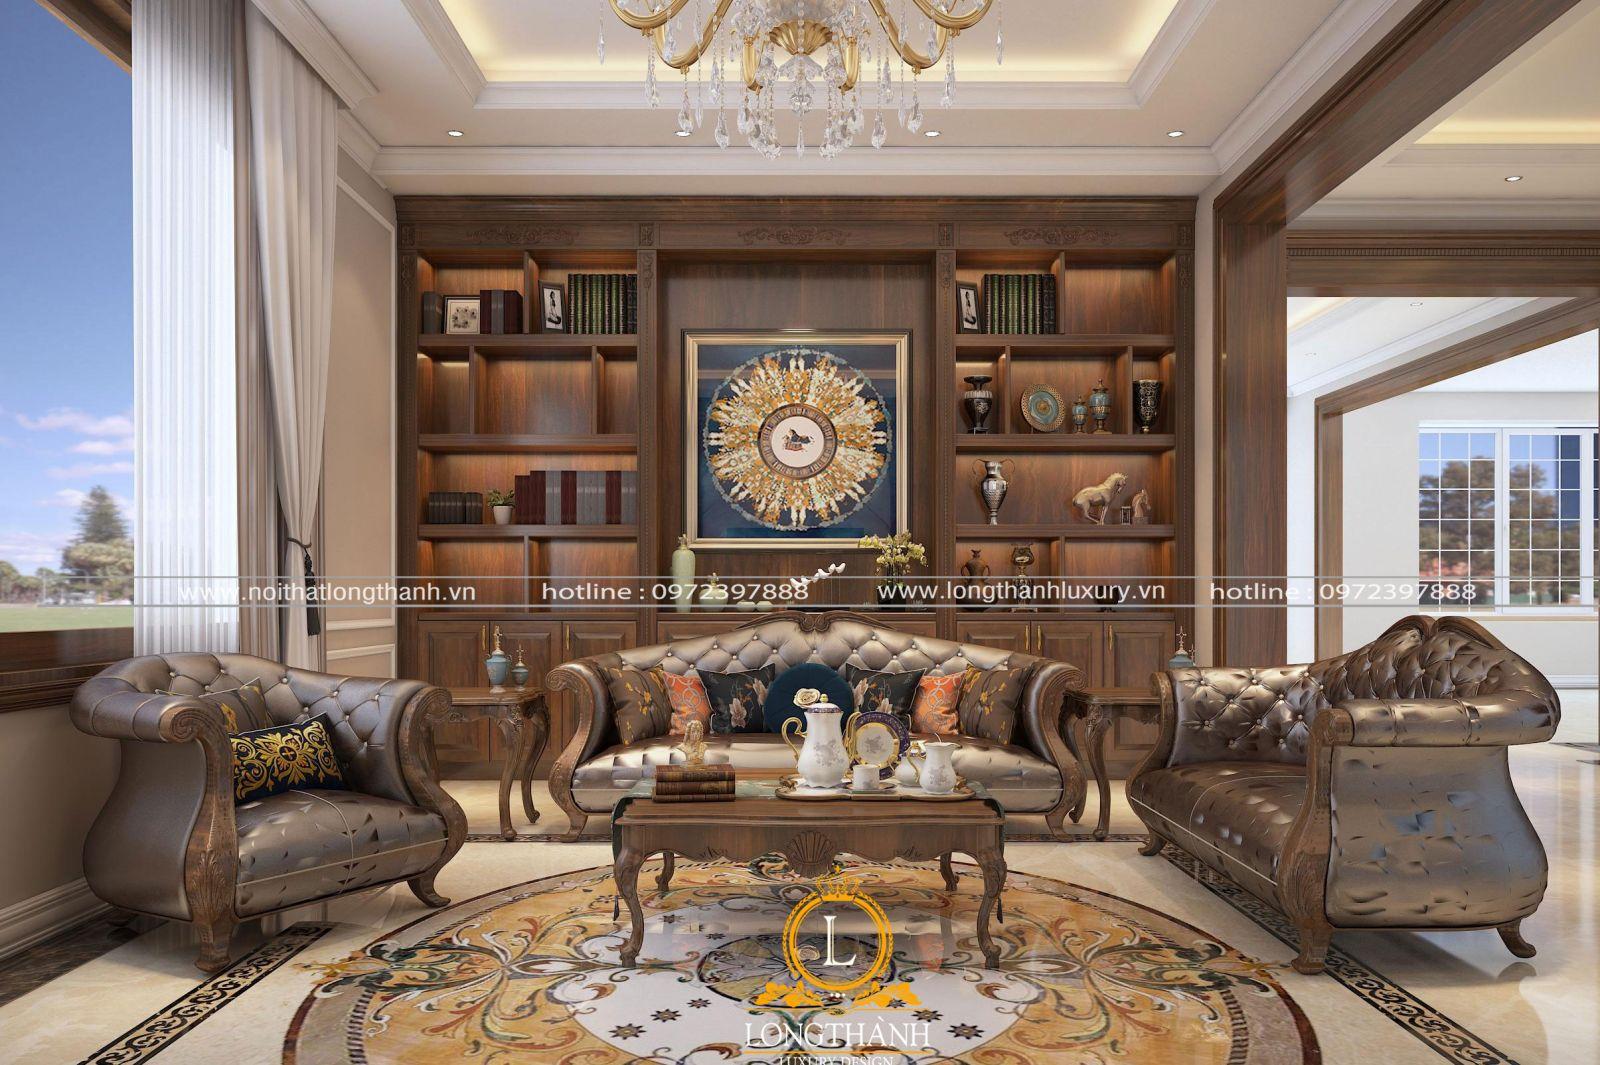 Thiết kế nội thất phòng khách biệt thự tân cổ điển đẹp